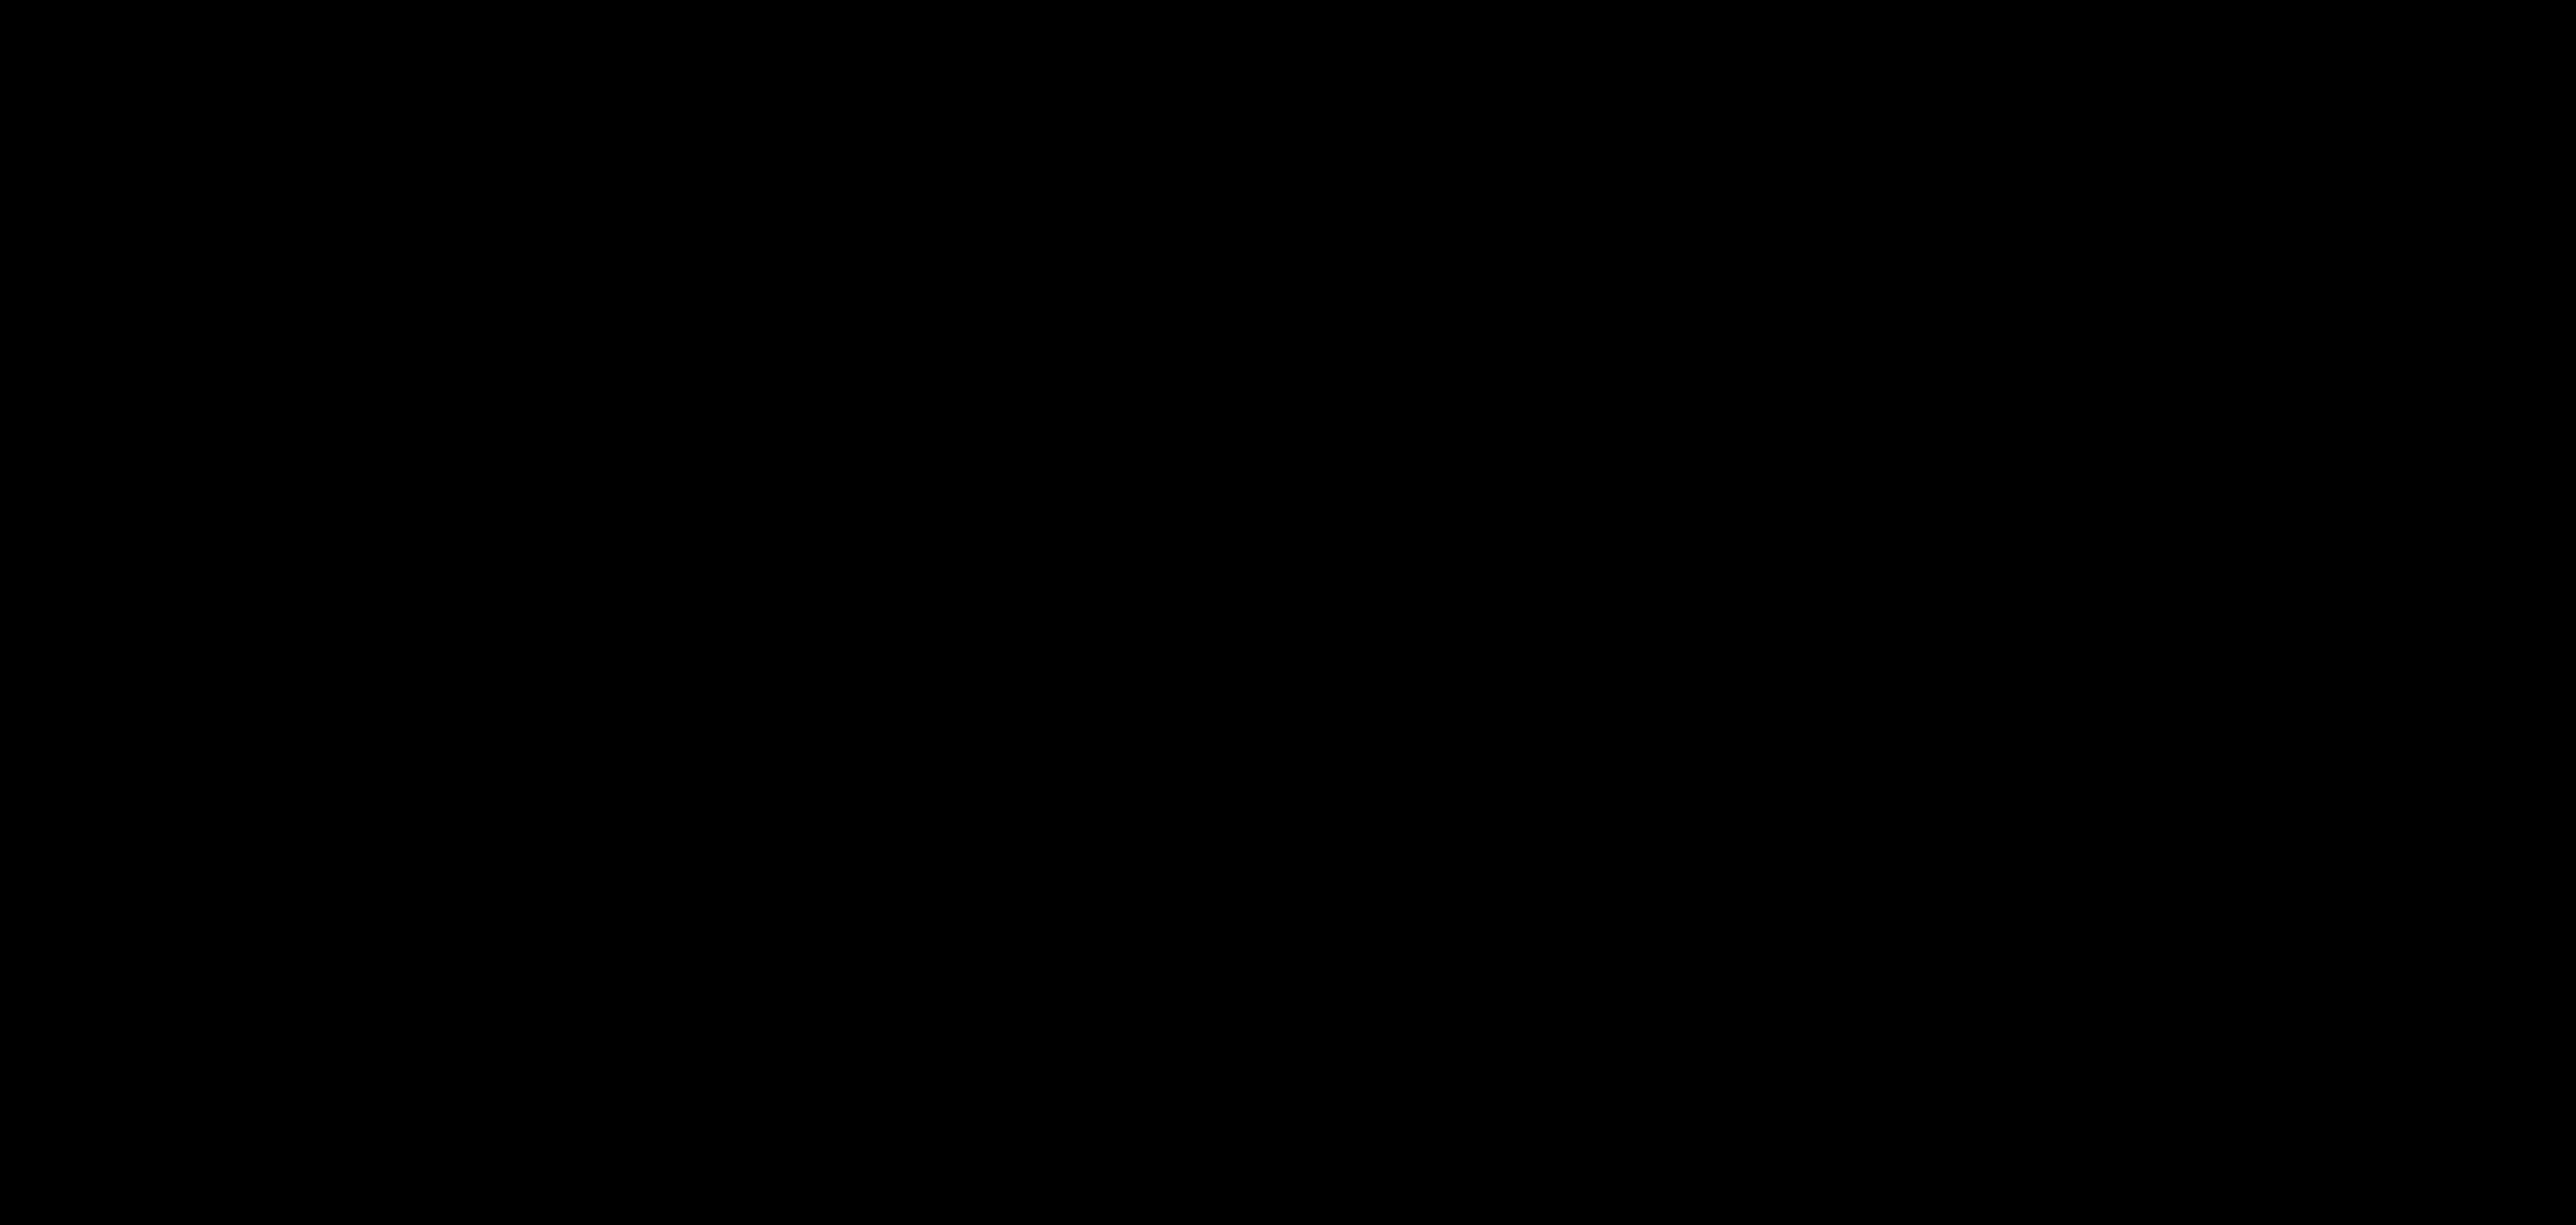 Onei Medical Center